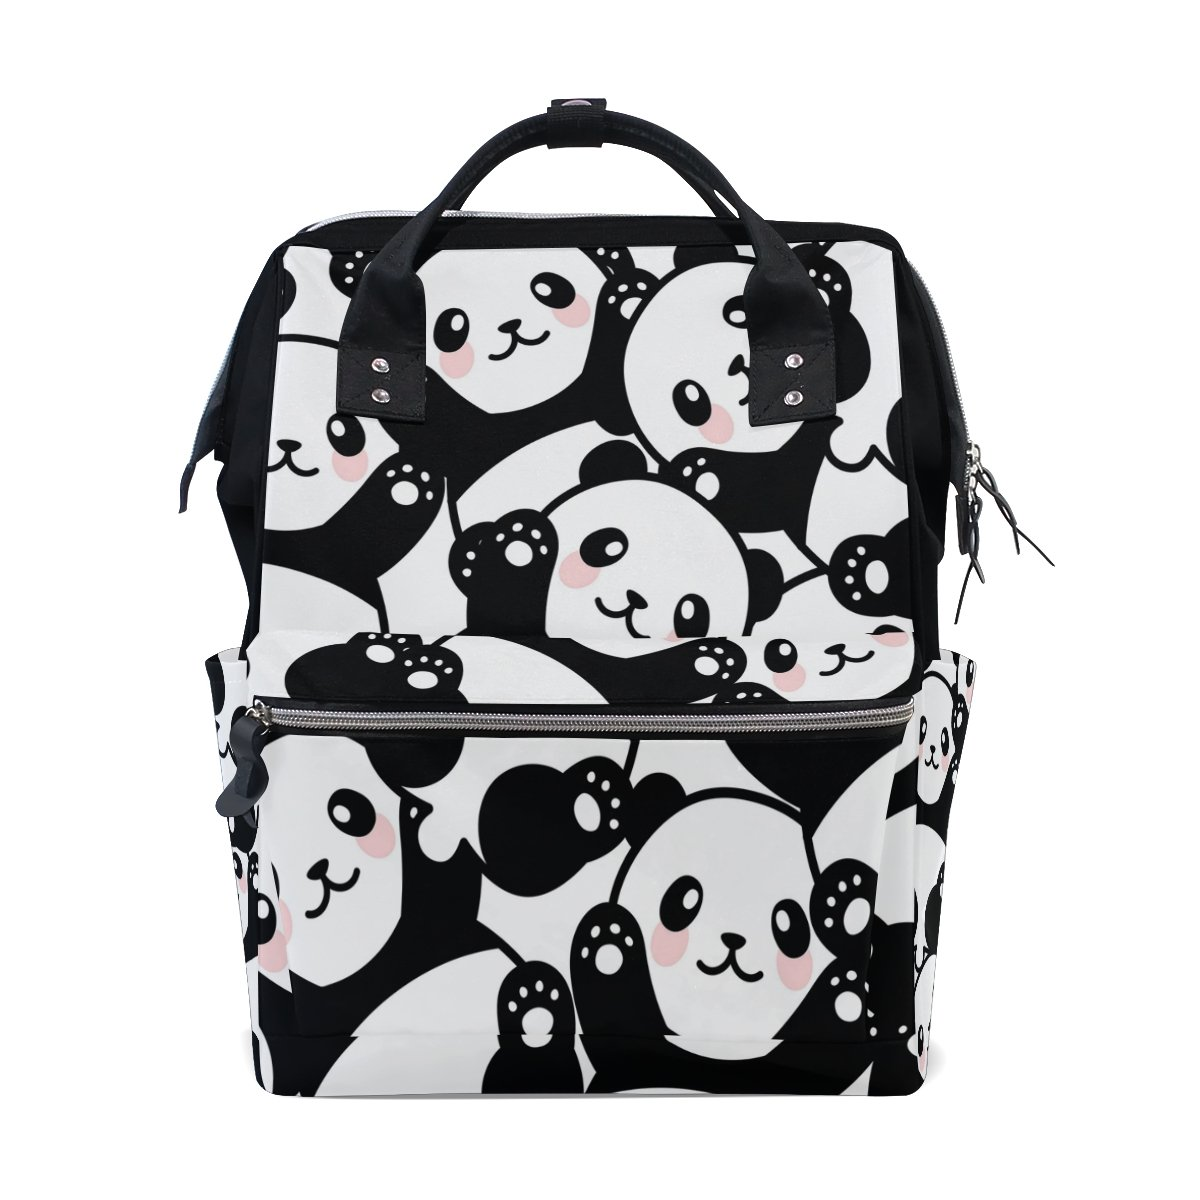 WOZO Cute Panda Multi-function Diaper Bags Backpack Travel Bag